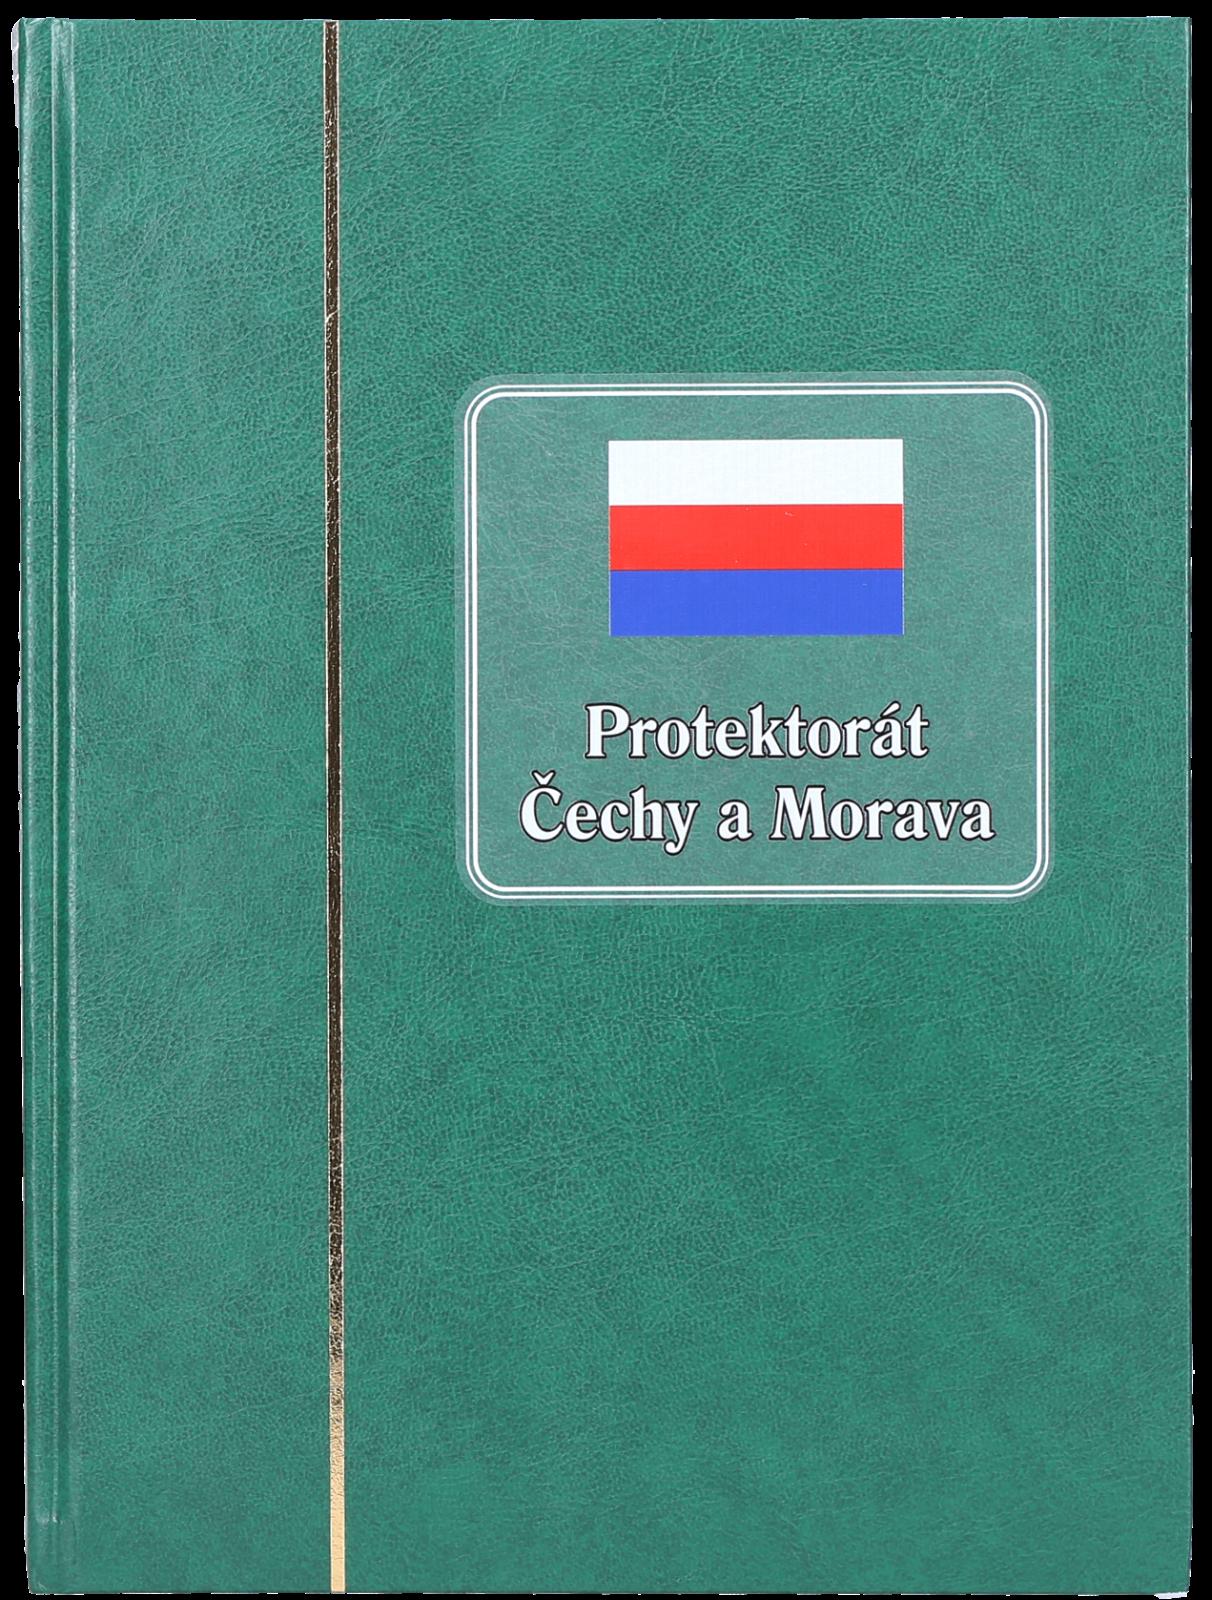 Zásobník - Protektorát Čechy a Morava - A4, 30 stran, bílé listy, dělená stránka , 9 řádků